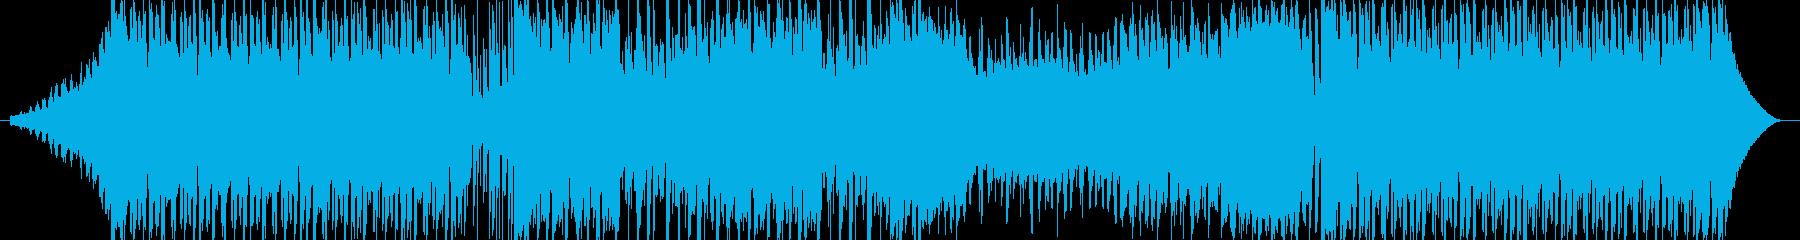 バックグラウンドアクショントラップの再生済みの波形